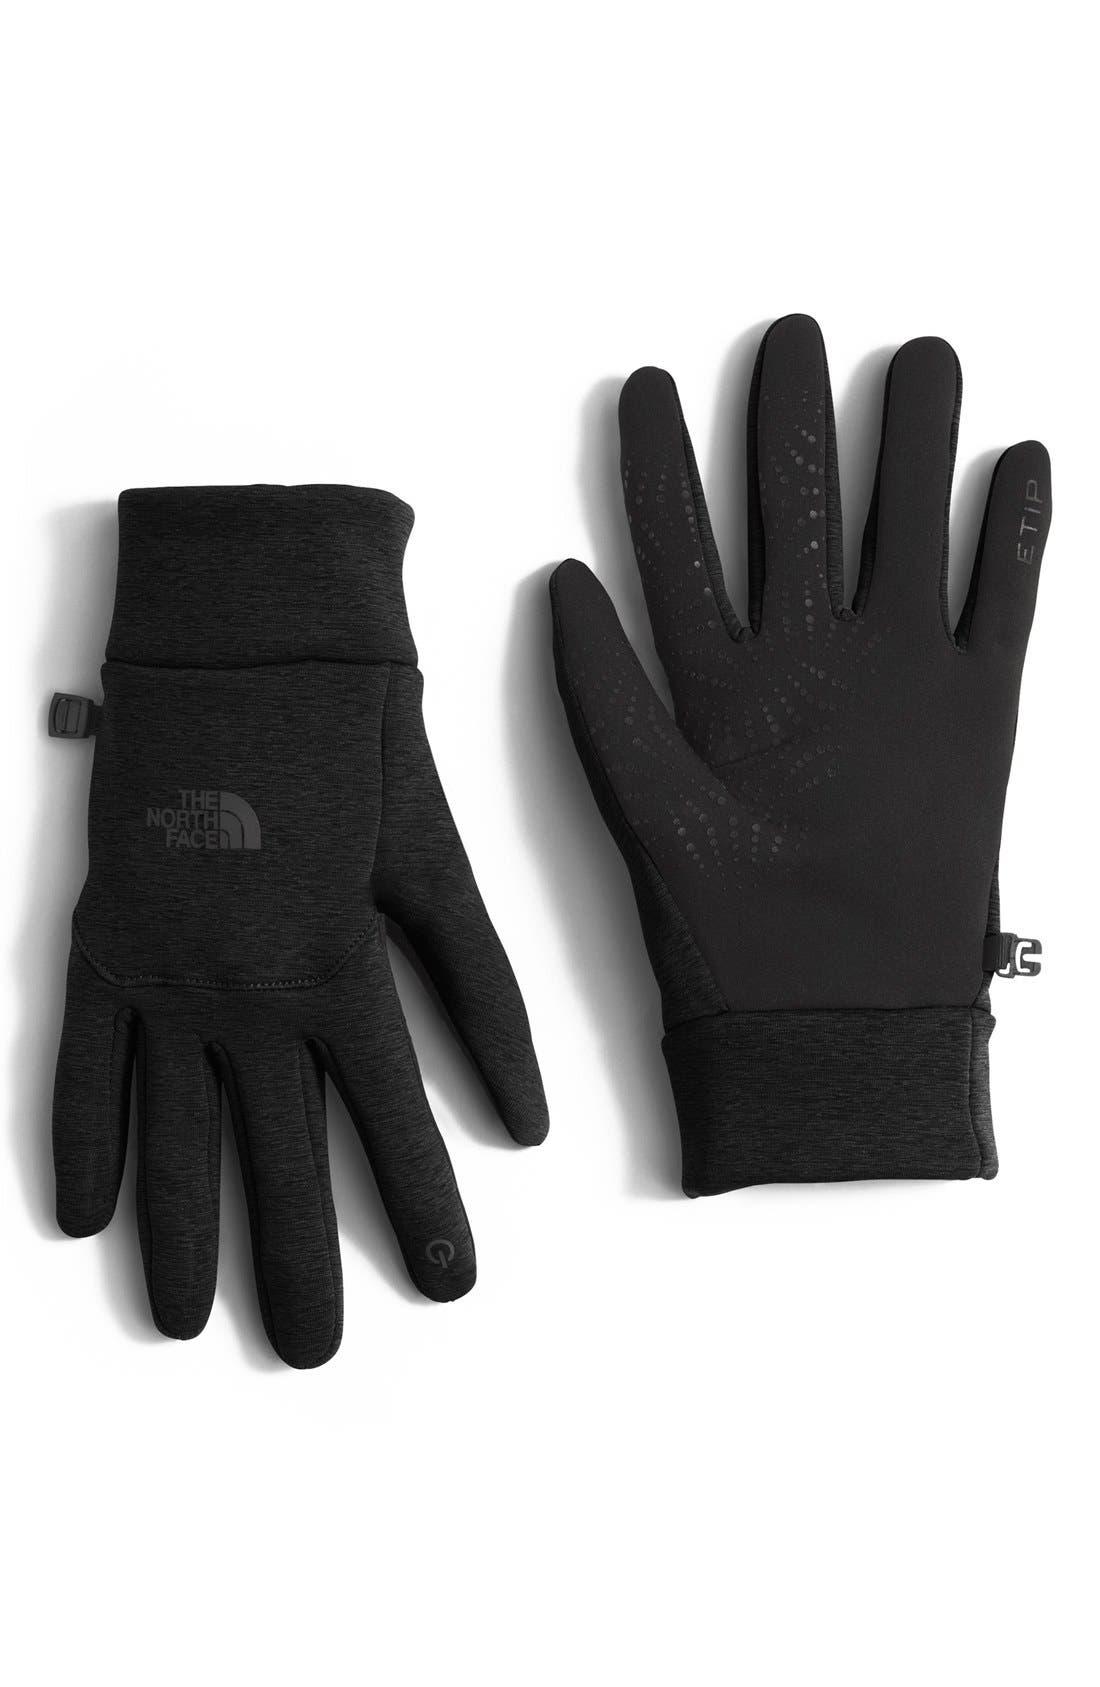 Alternate Image 1 Selected - The North Face 'E-Tip' Fleece Tech Gloves